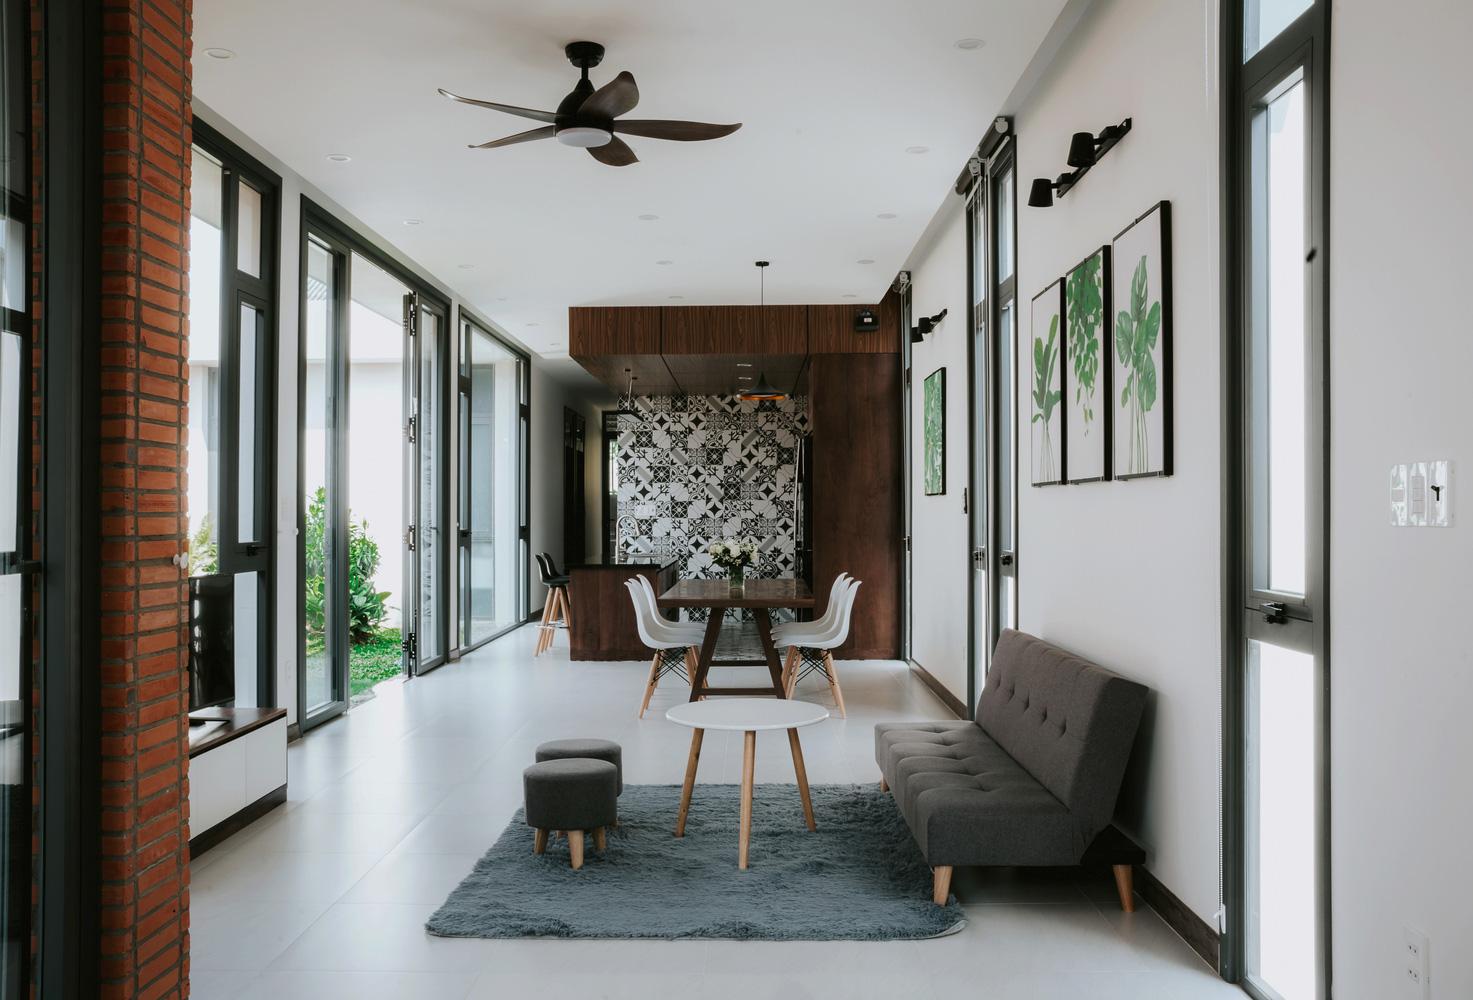 4 ngôi nhà độc đáo của Việt Nam được vinh danh Top 50 công trình đẹp nhất của năm trên tạp chí kiến trúc Mỹ - Ảnh 15.